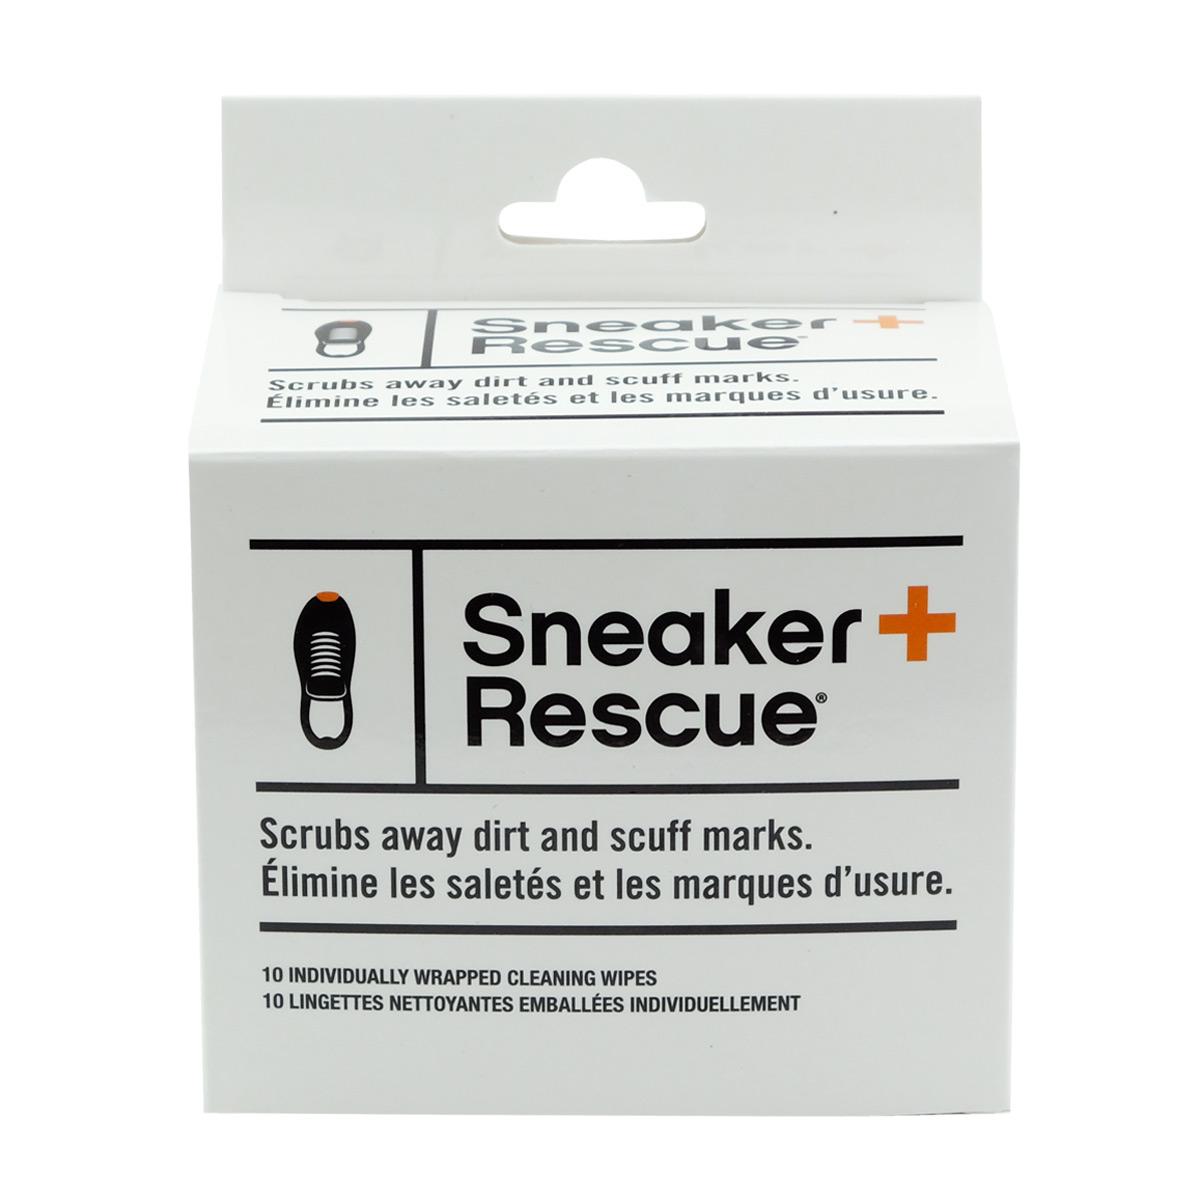 SneakerRescue